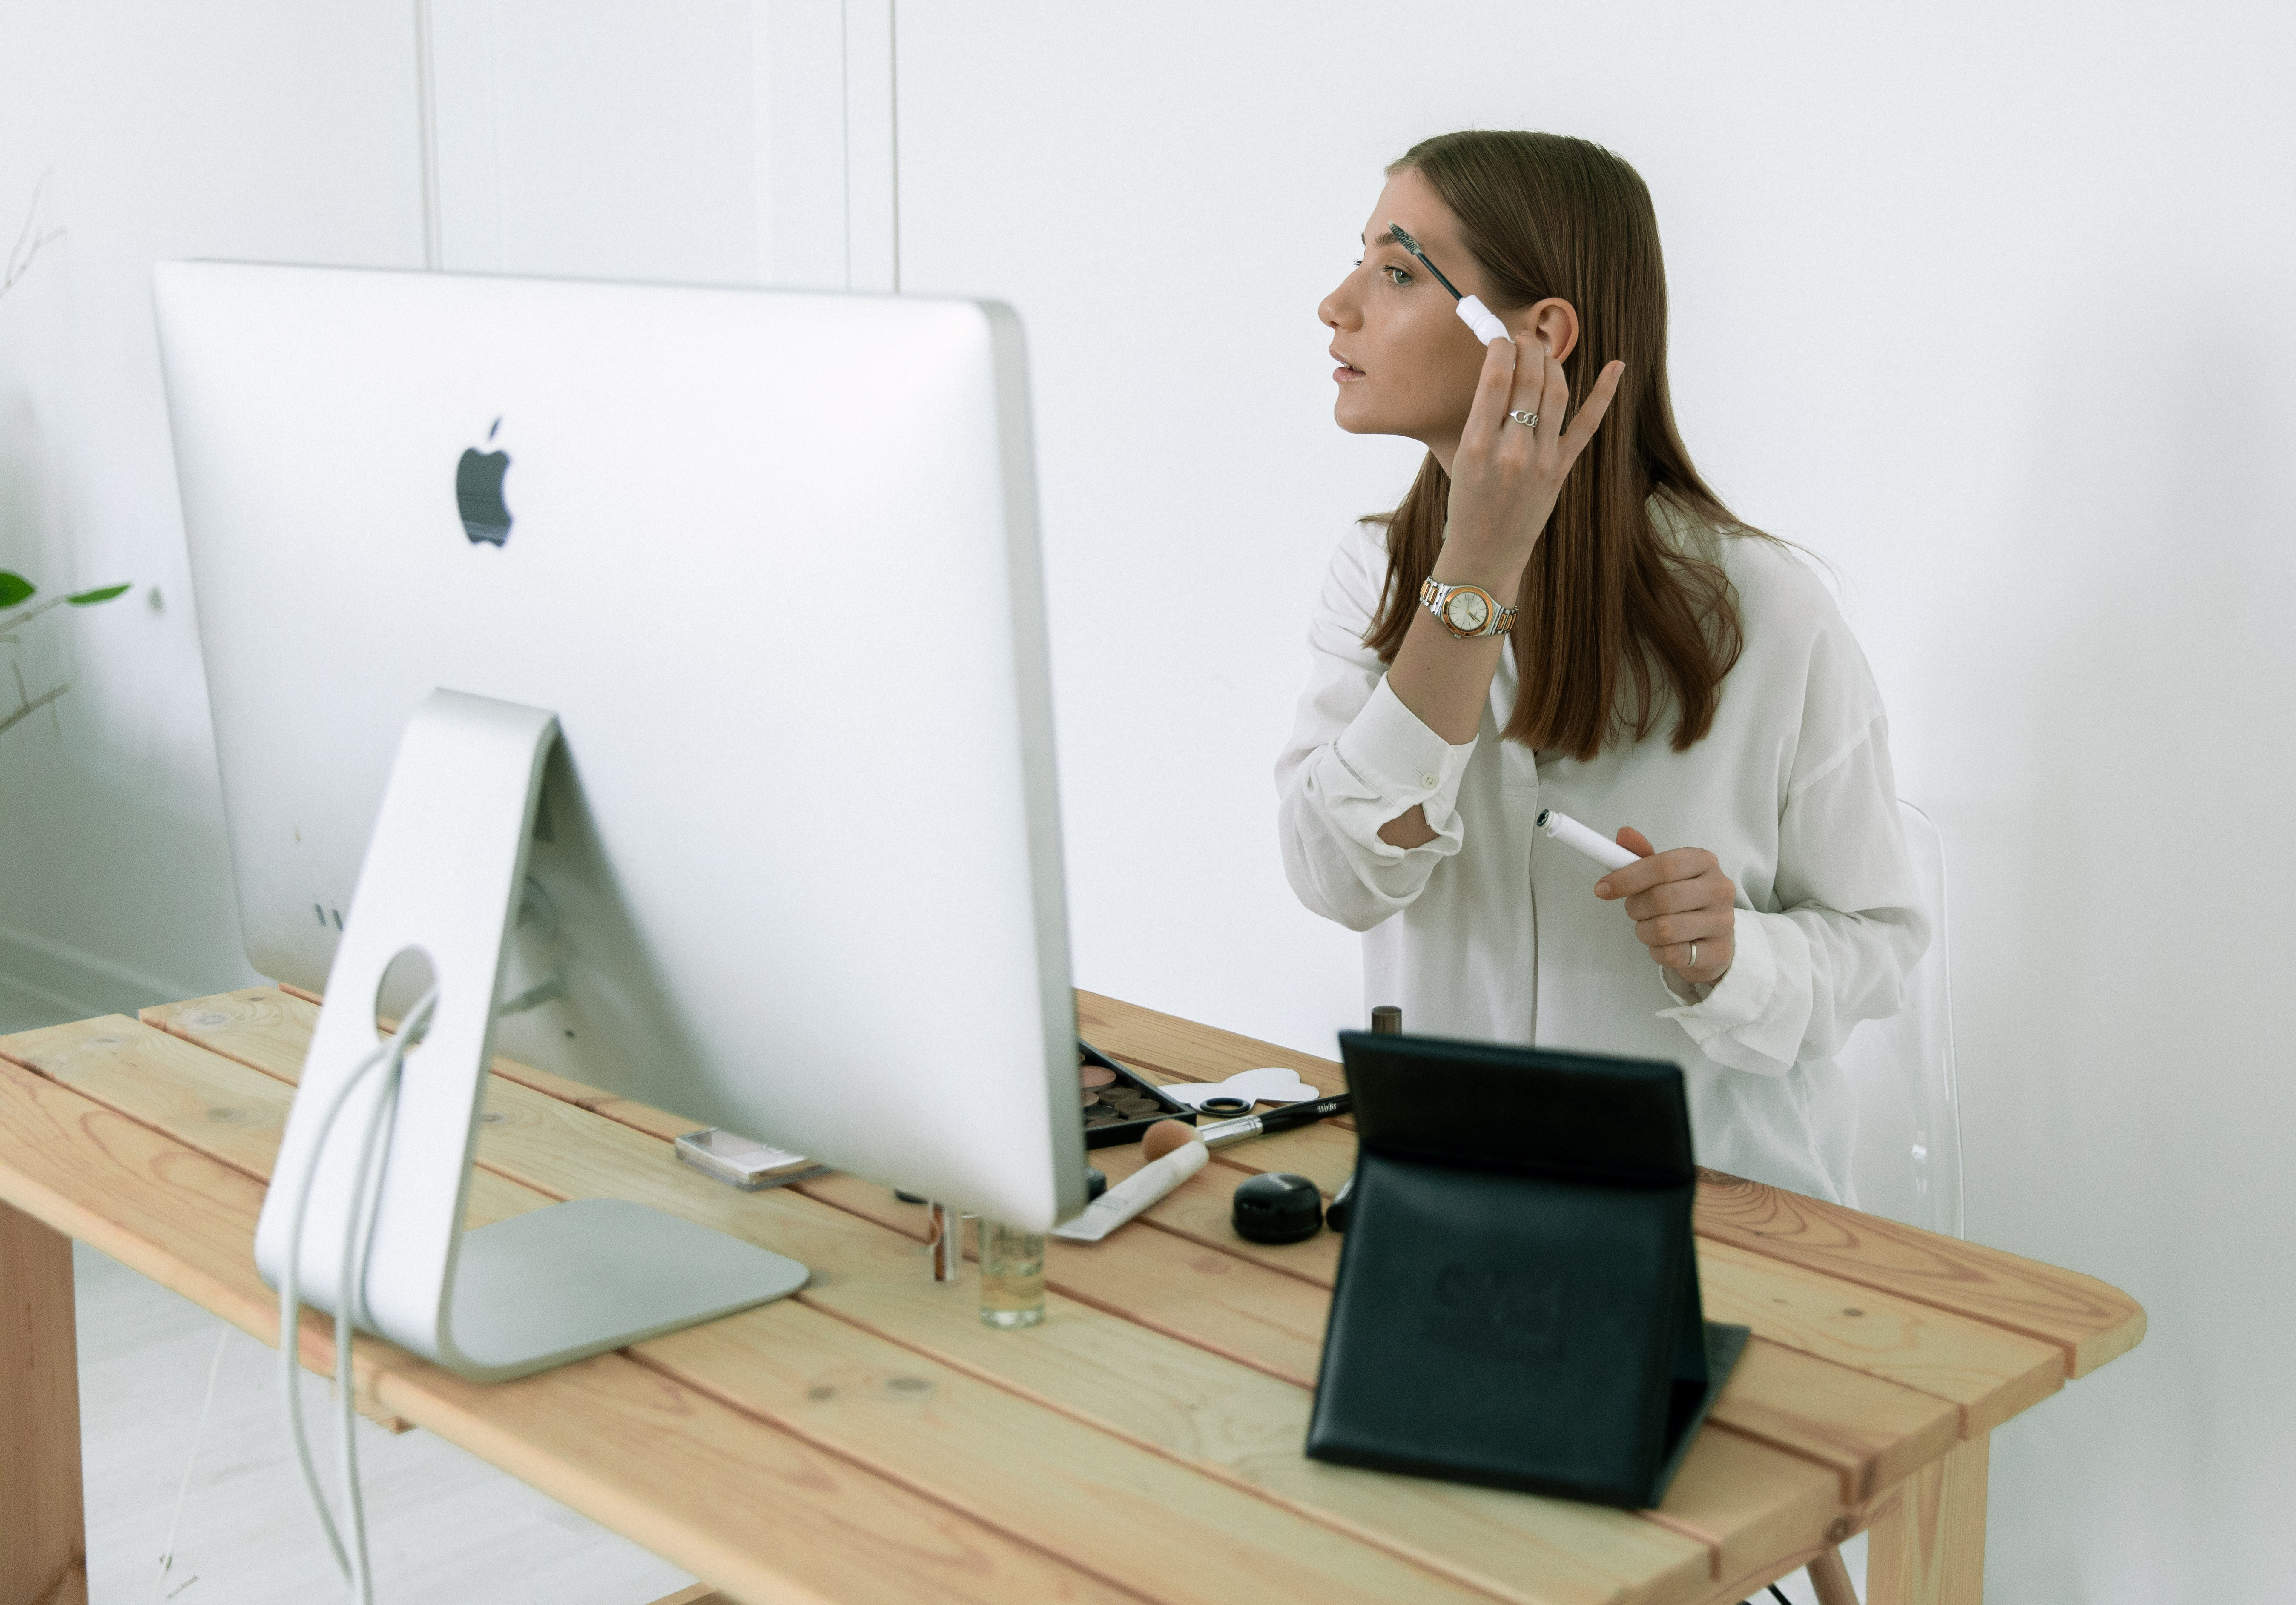 Mujer maquillándose frente al ordenador para la noticia: El canal online aglutinará el 30% de las compras de artículos de lujo hasta 2025